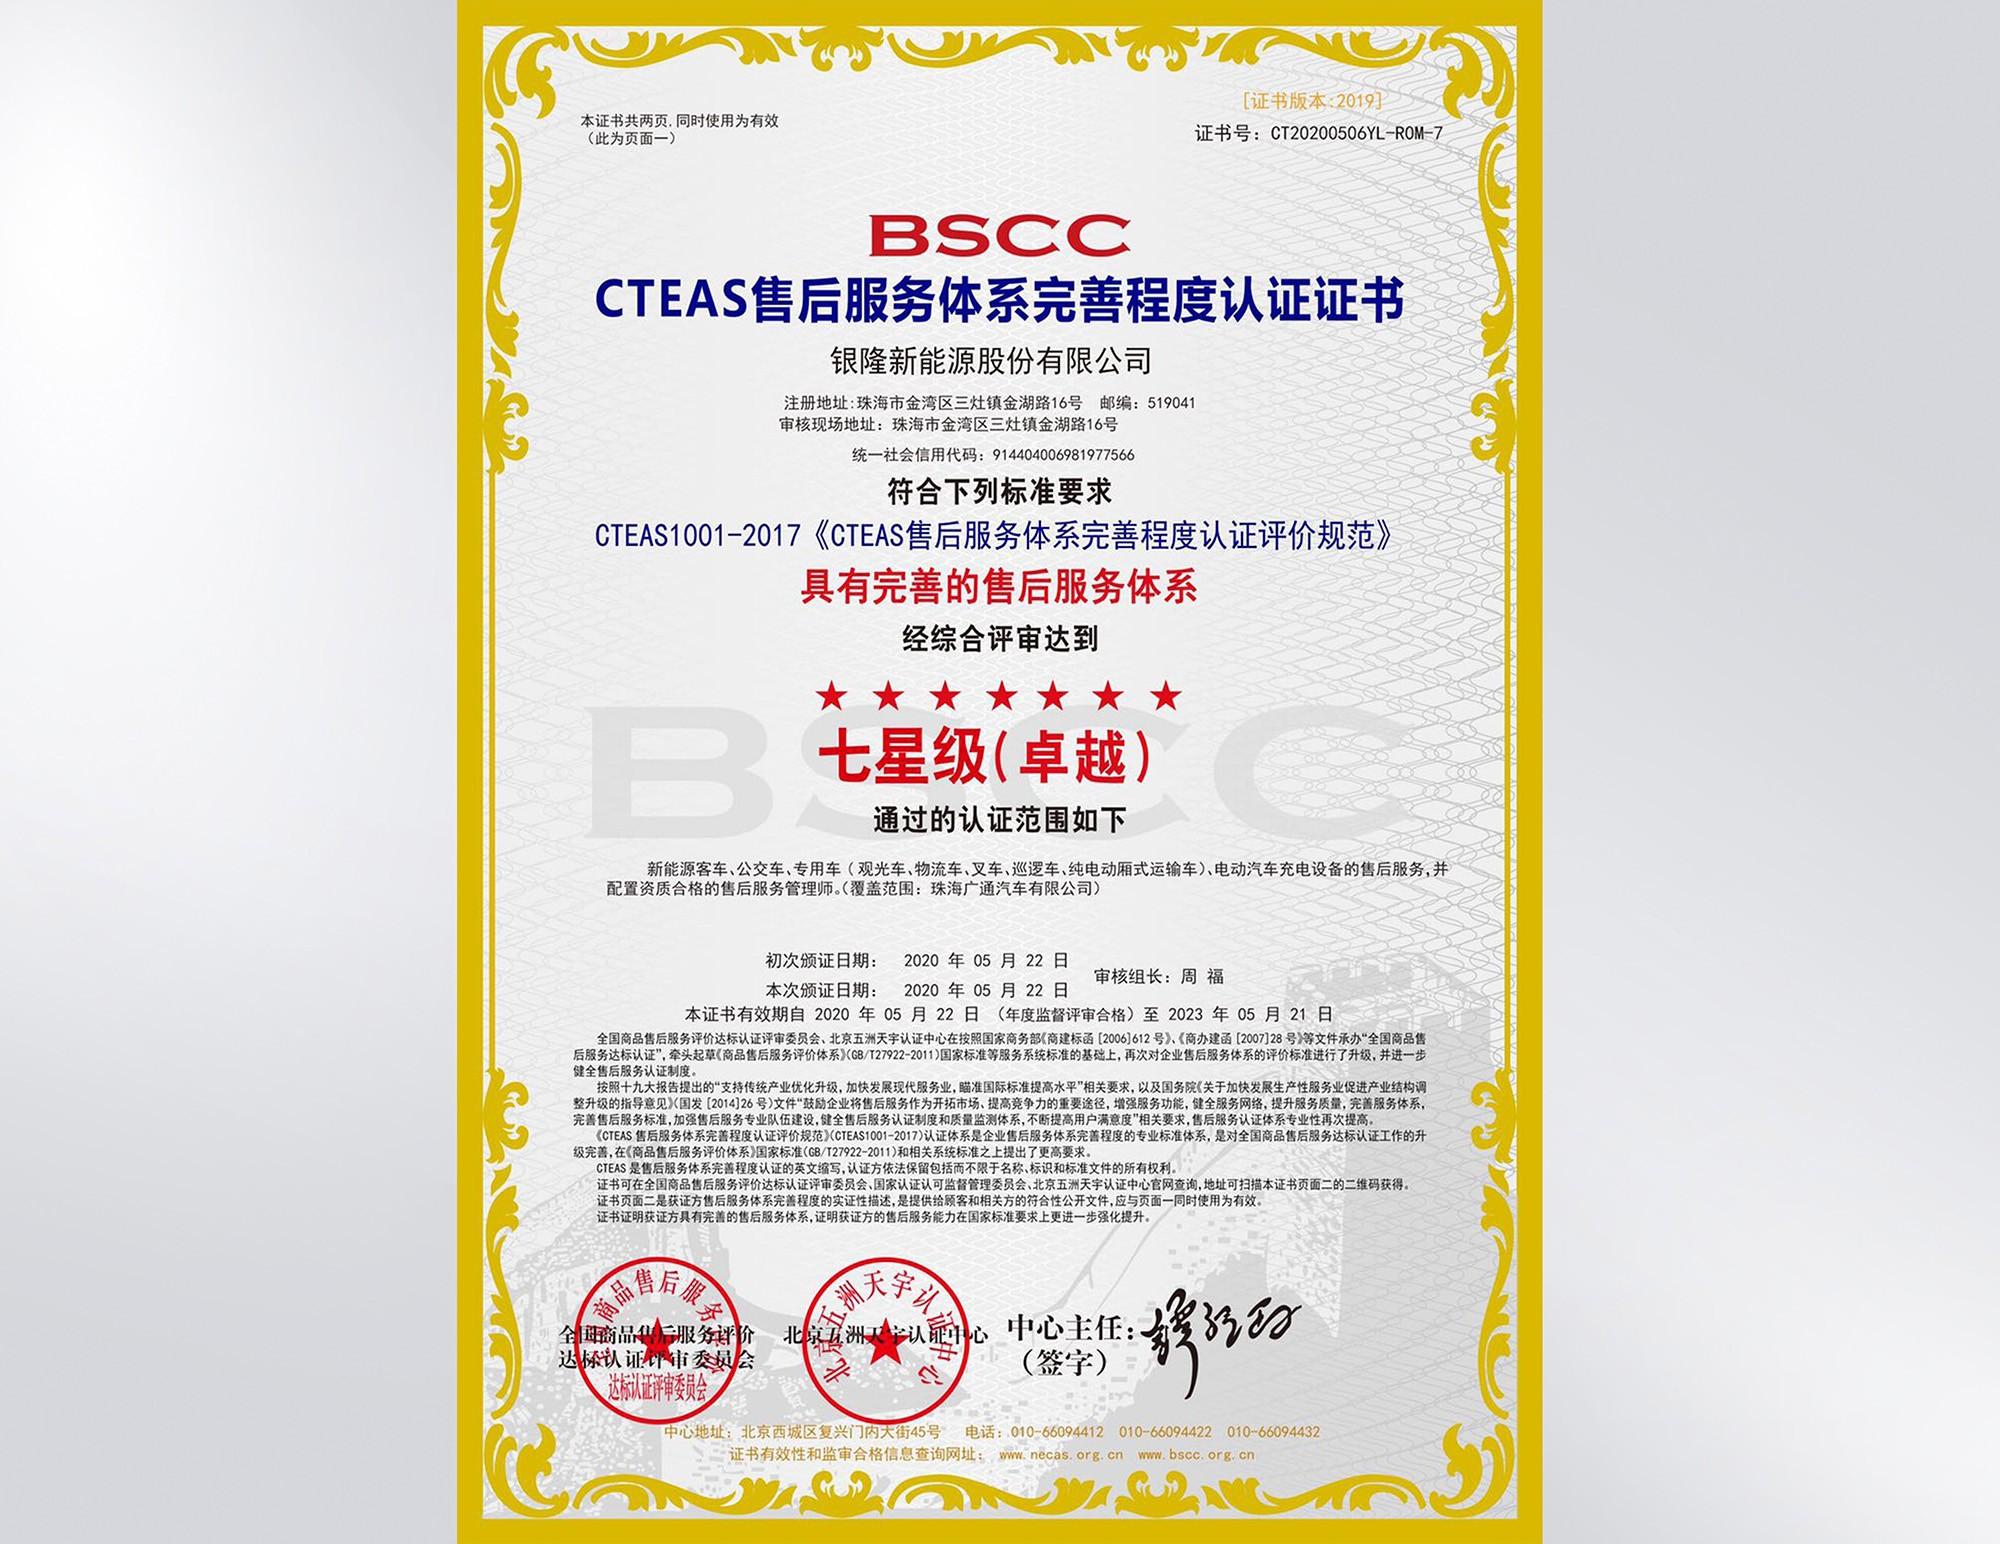 CTEAS售后服务体系完善程度认证七星级(卓越)认证证书